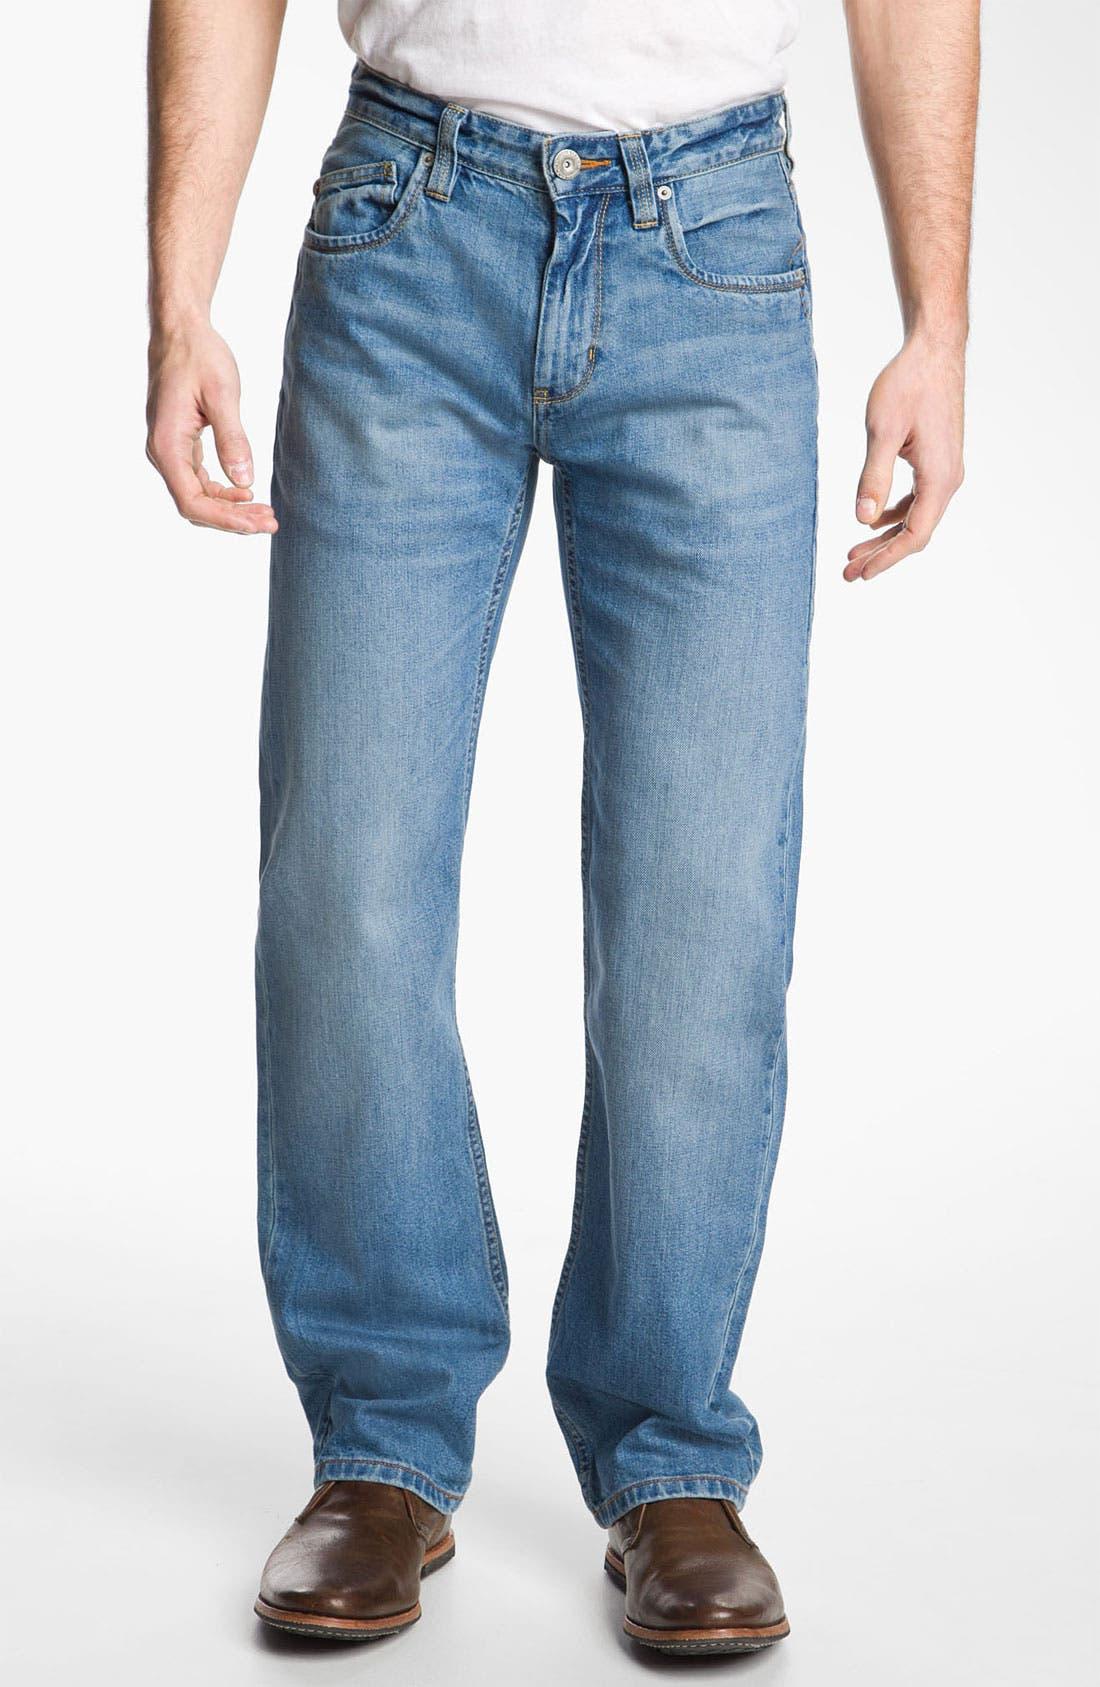 Alternate Image 1 Selected - Tommy Bahama Denim 'Steve Standard Fit' Jeans (Storm)